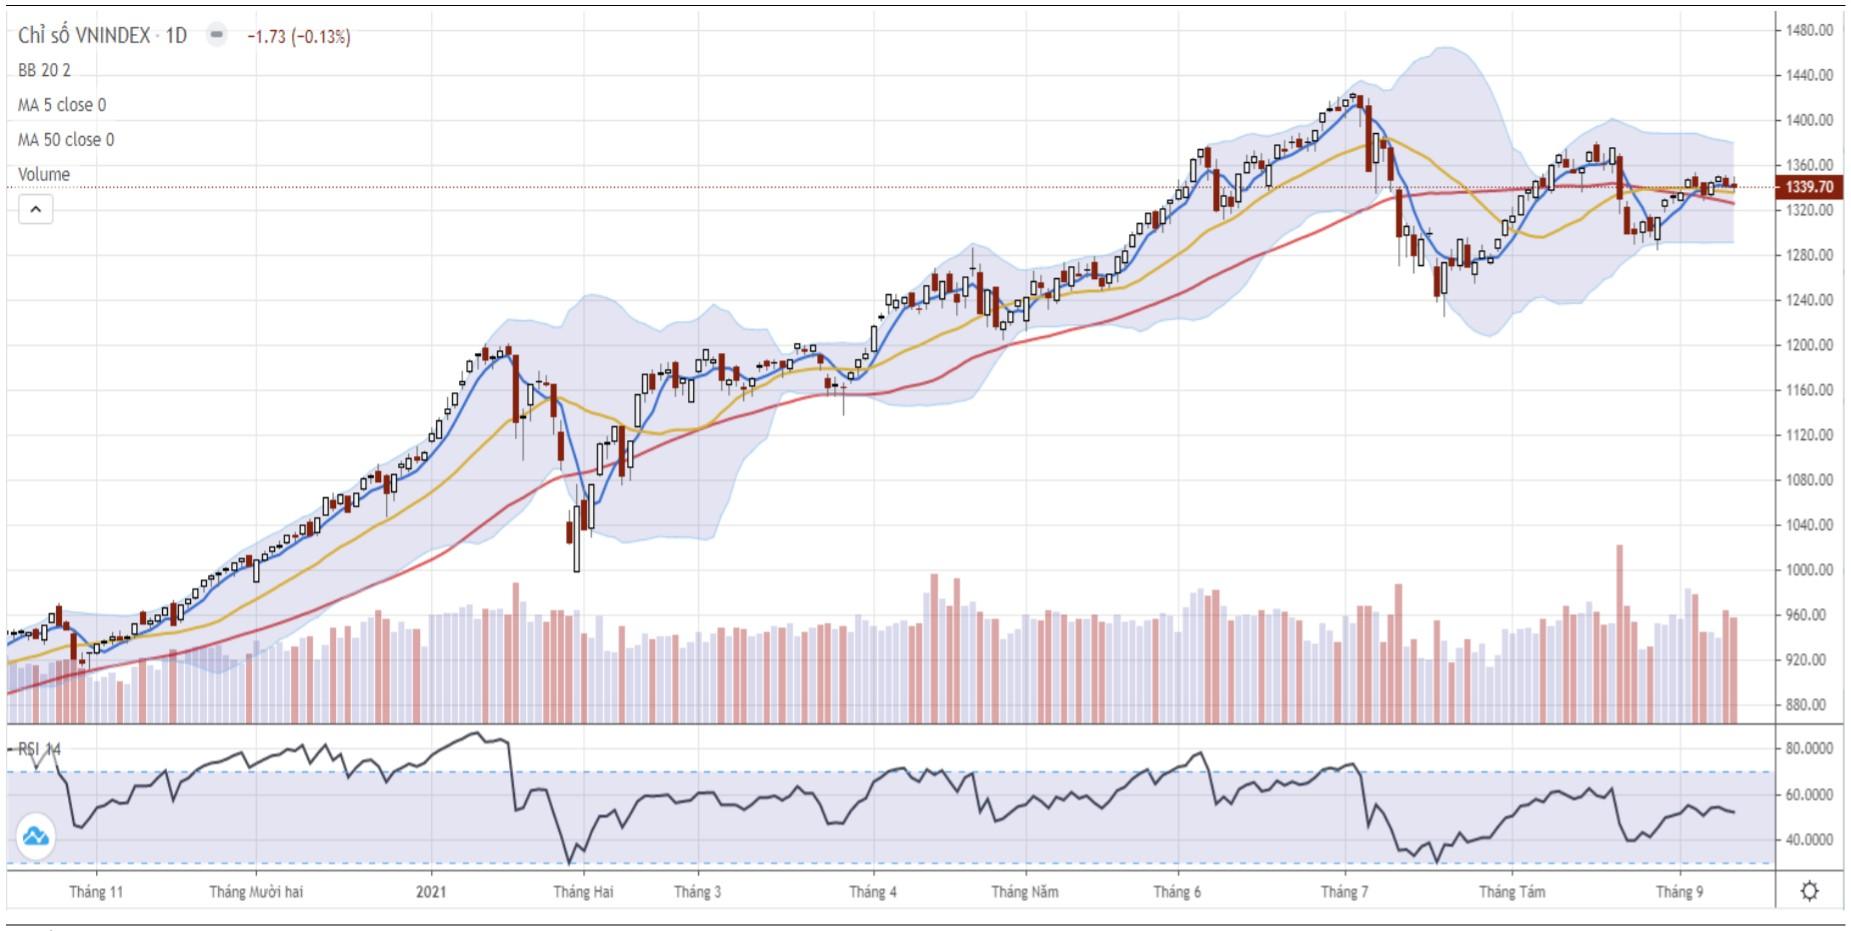 Nhận định thị trường chứng khoán ngày 15/9: Dòng tiền sẽ tiếp tục phân hóa - Ảnh 1.